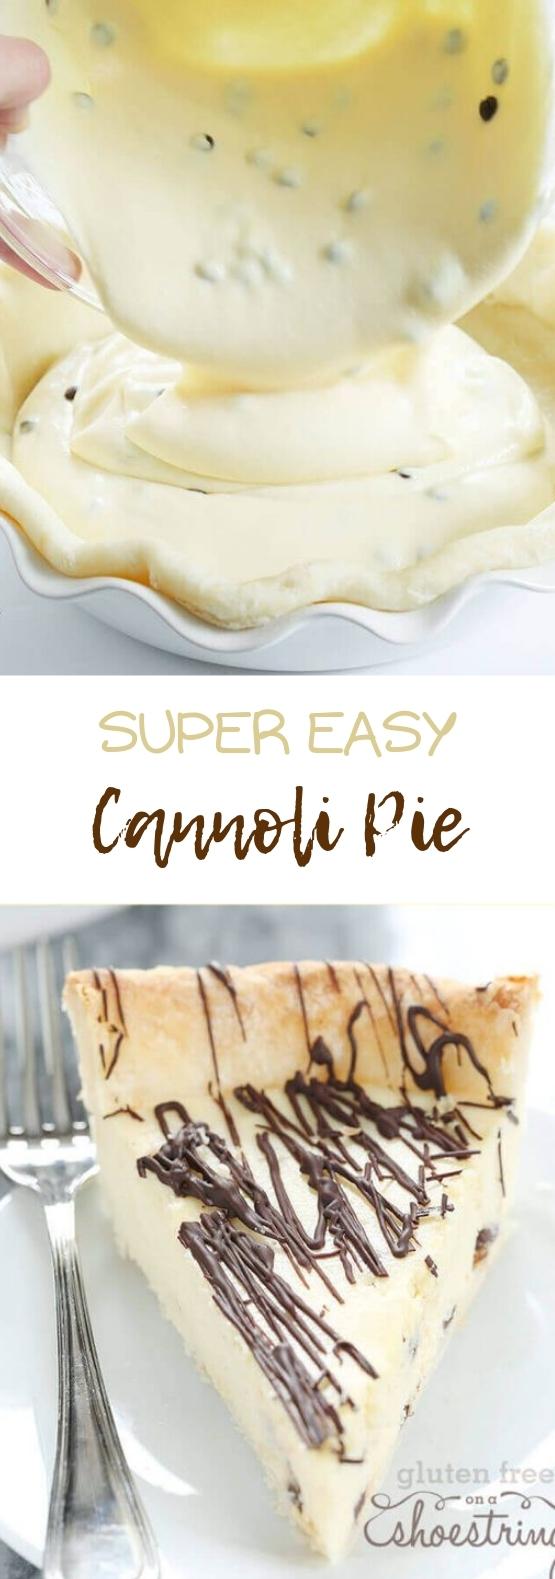 Super Easy Gluten Free Cannoli Pie #pie #dessert